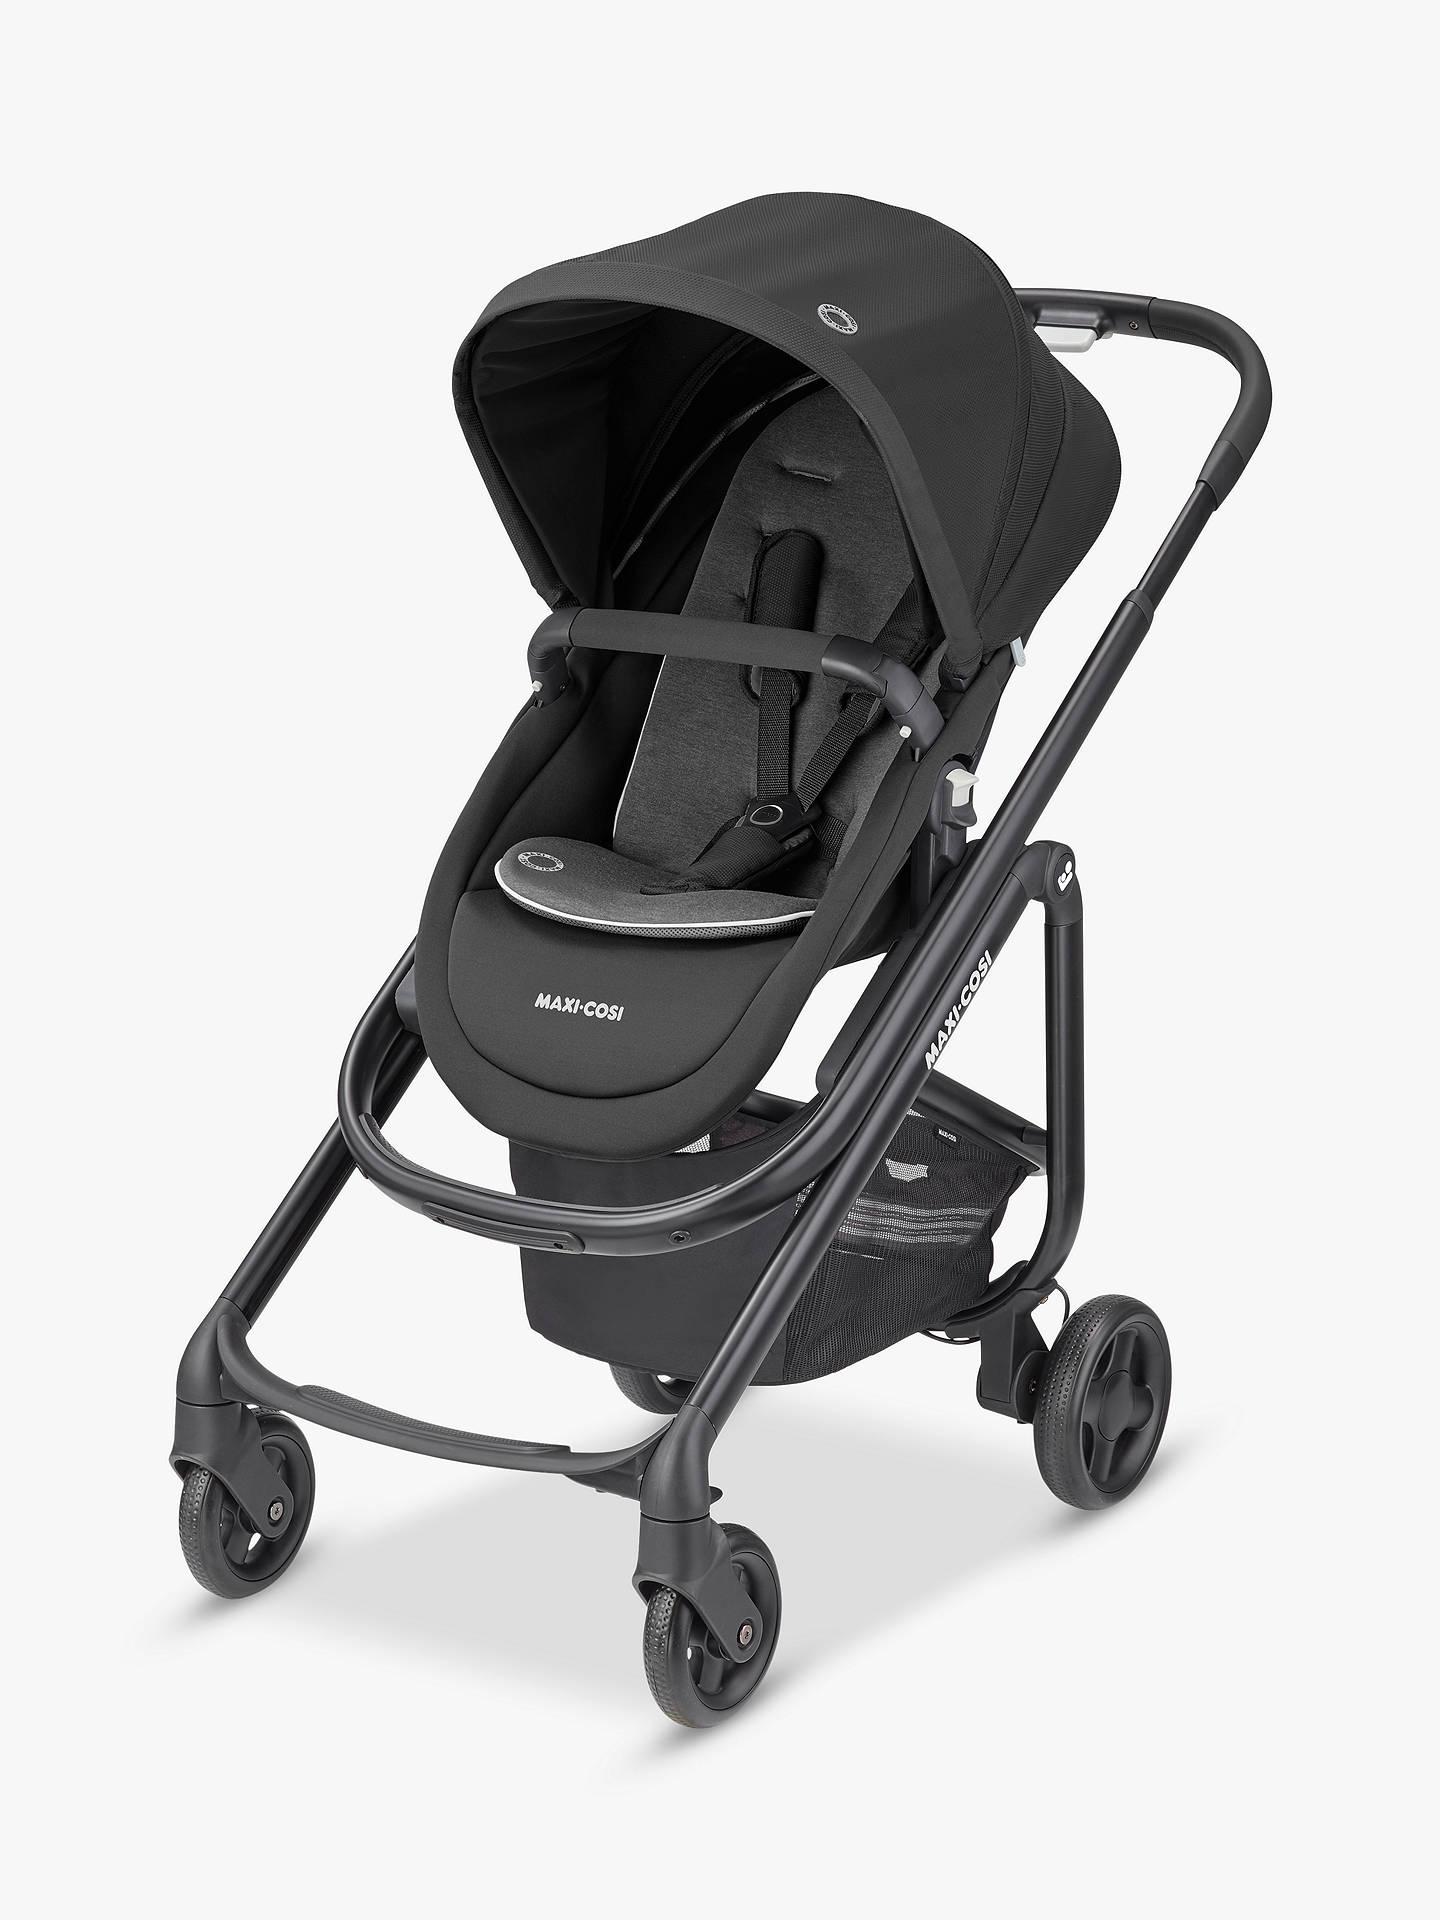 Maxi-Cosi Lila SP Pushchair, Essential Black and Maxi-Cosi CabrioFix Car Seat, Essential Graphite bundle £399 @ John Lewis & Partners